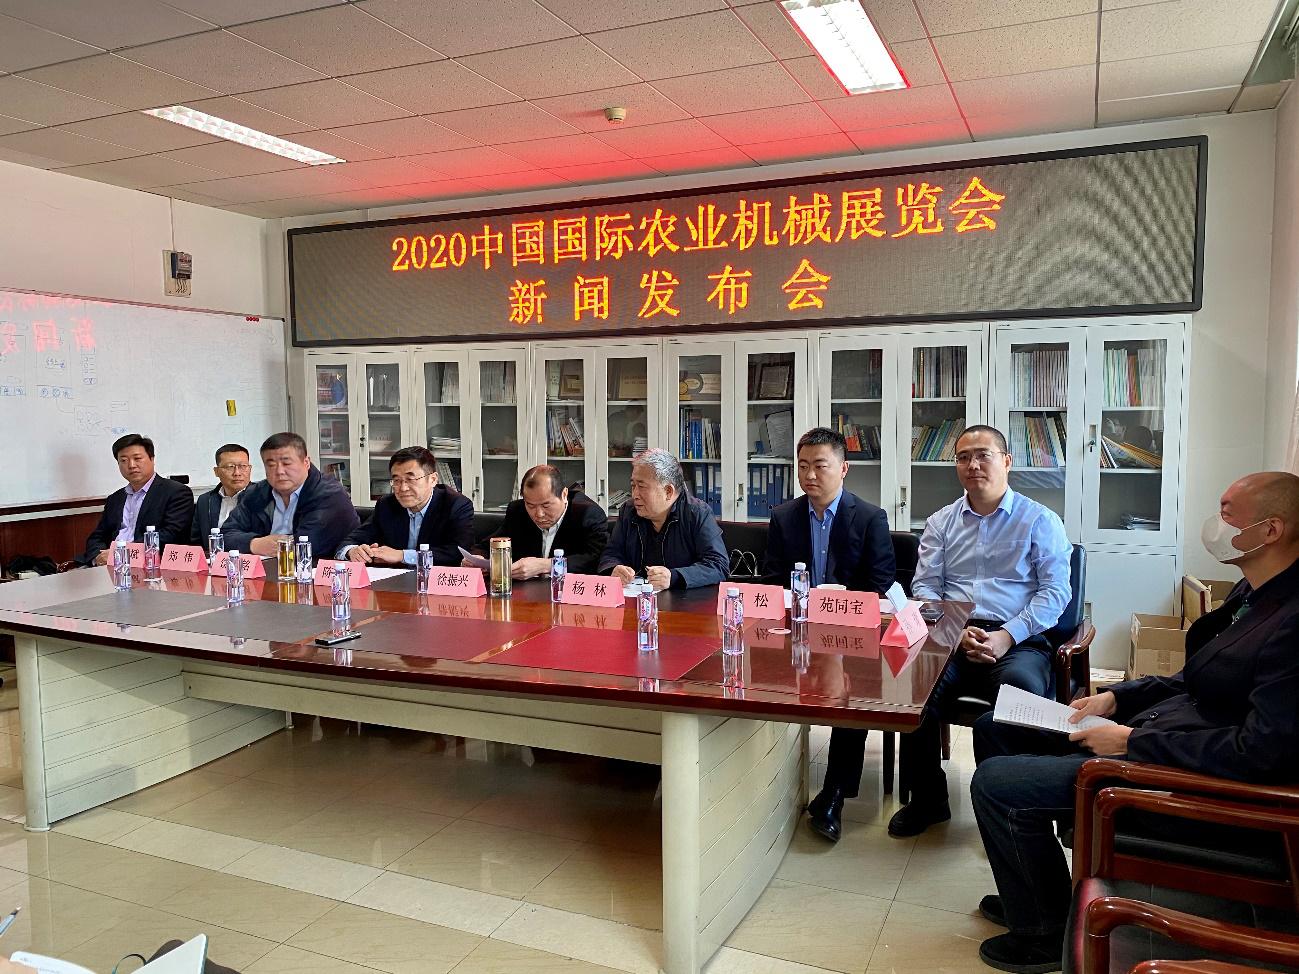 2020国际农机展新闻发布会在京召开  一司两站将在展会期间举办系列活动